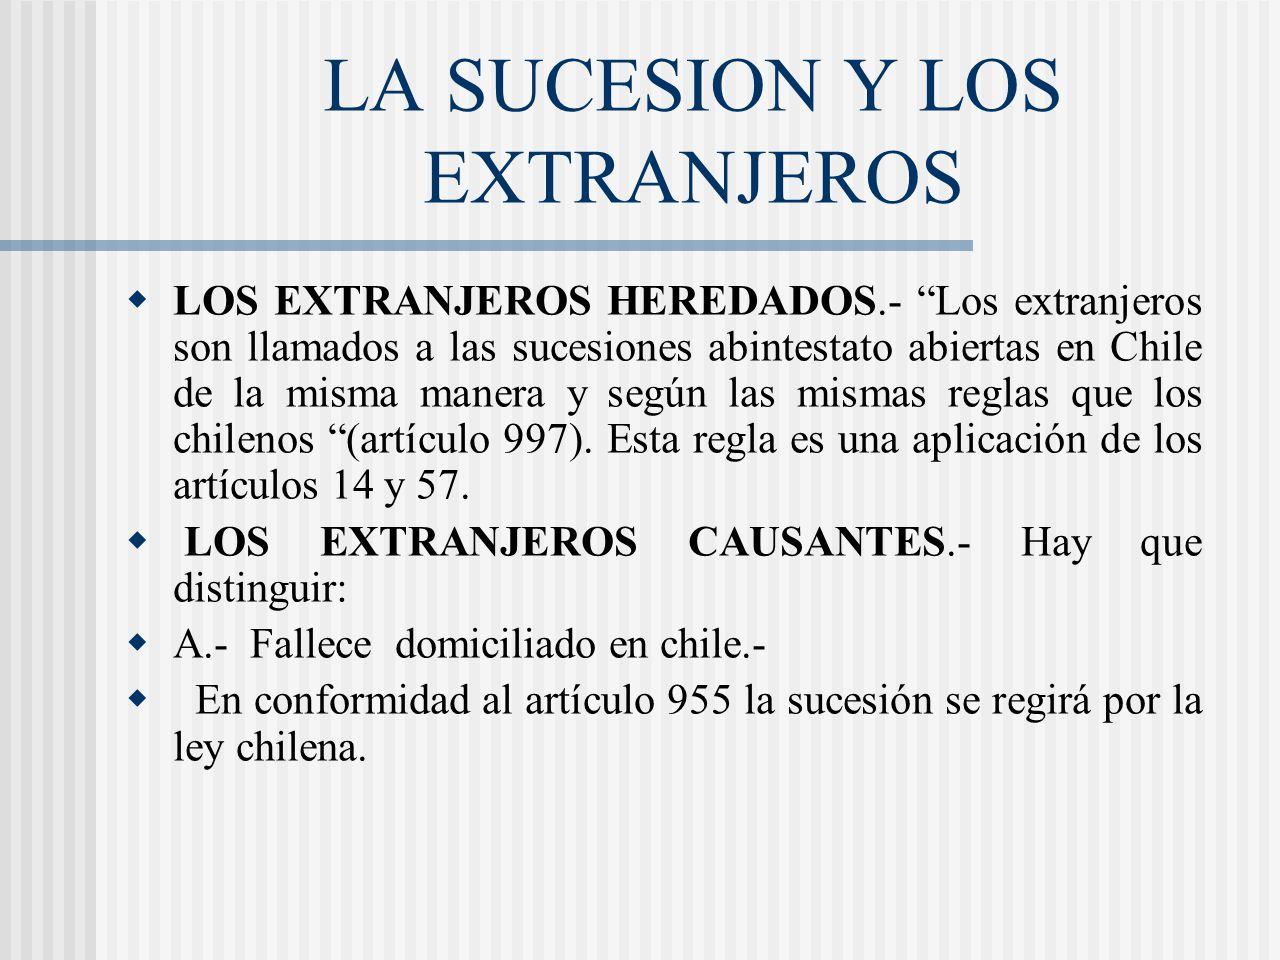 LA SUCESION Y LOS EXTRANJEROS